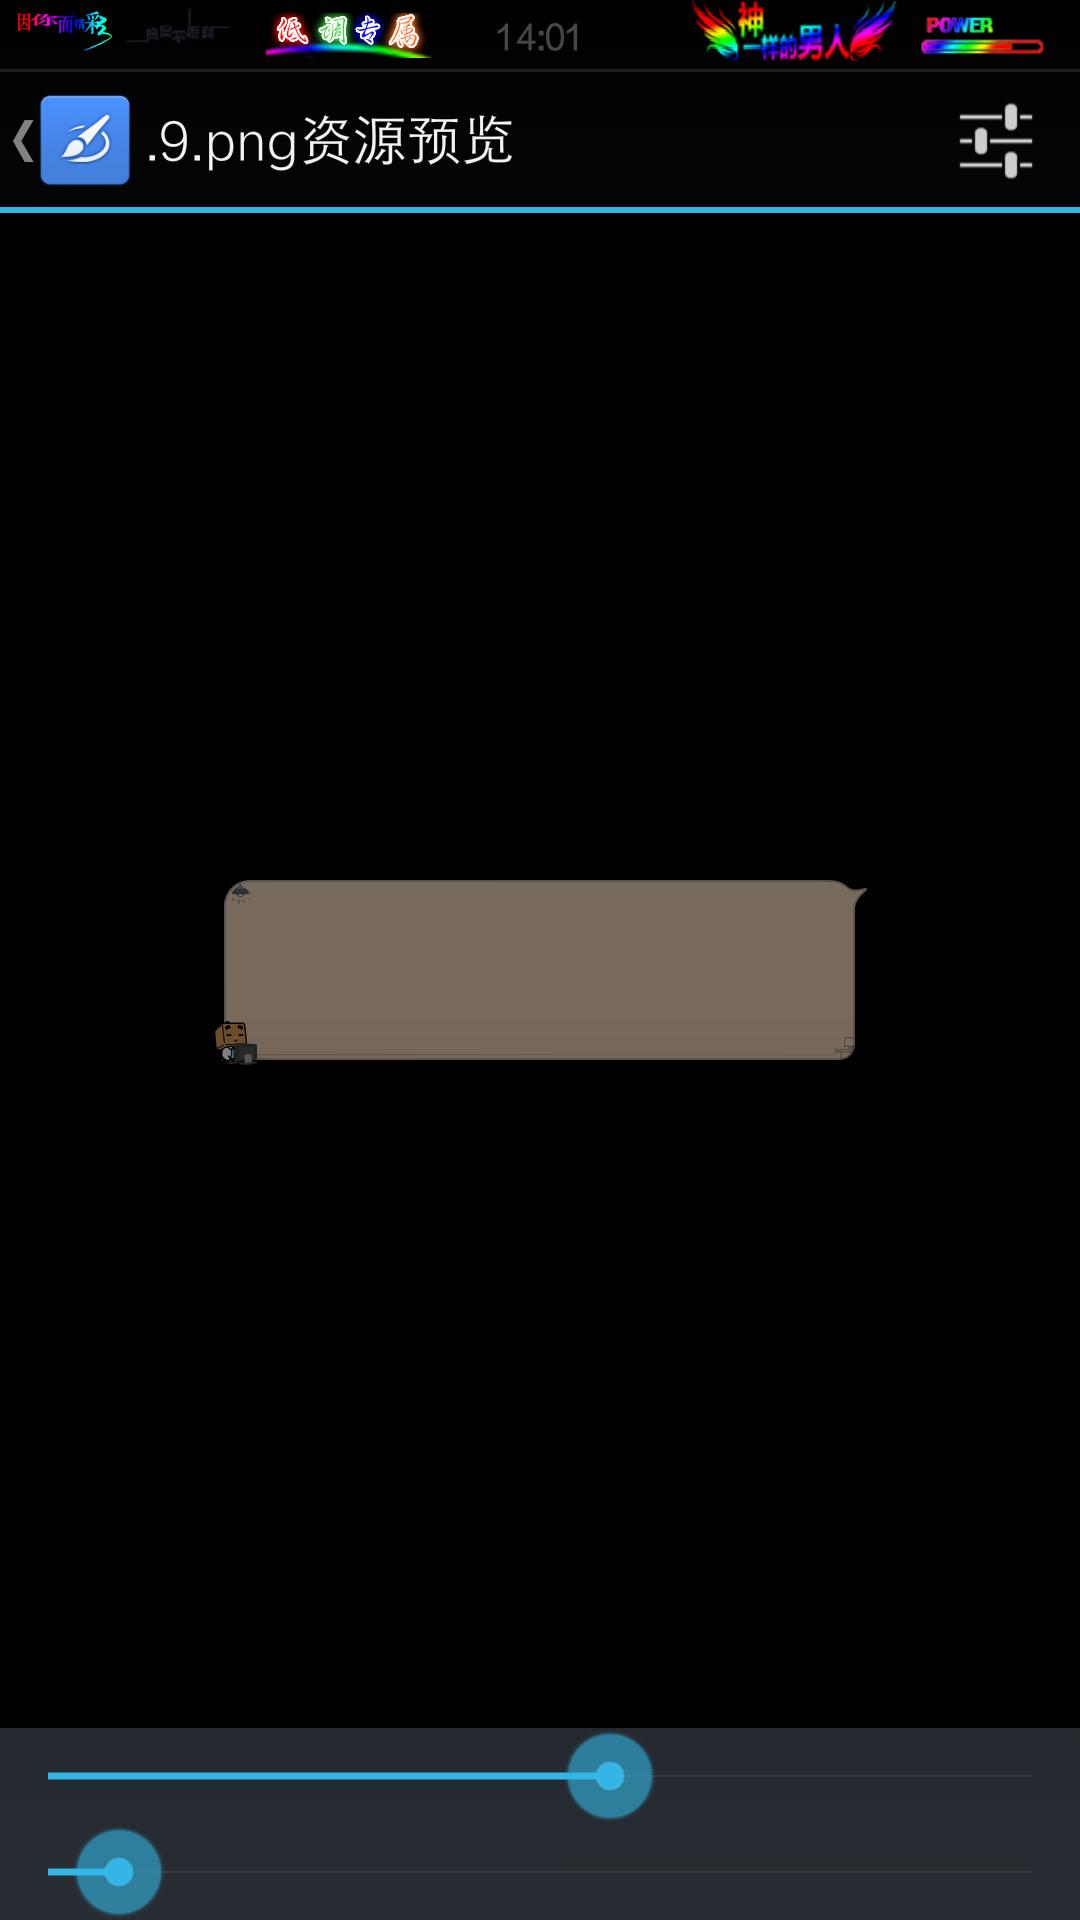 截屏_2015-06-11-14-01-20.png